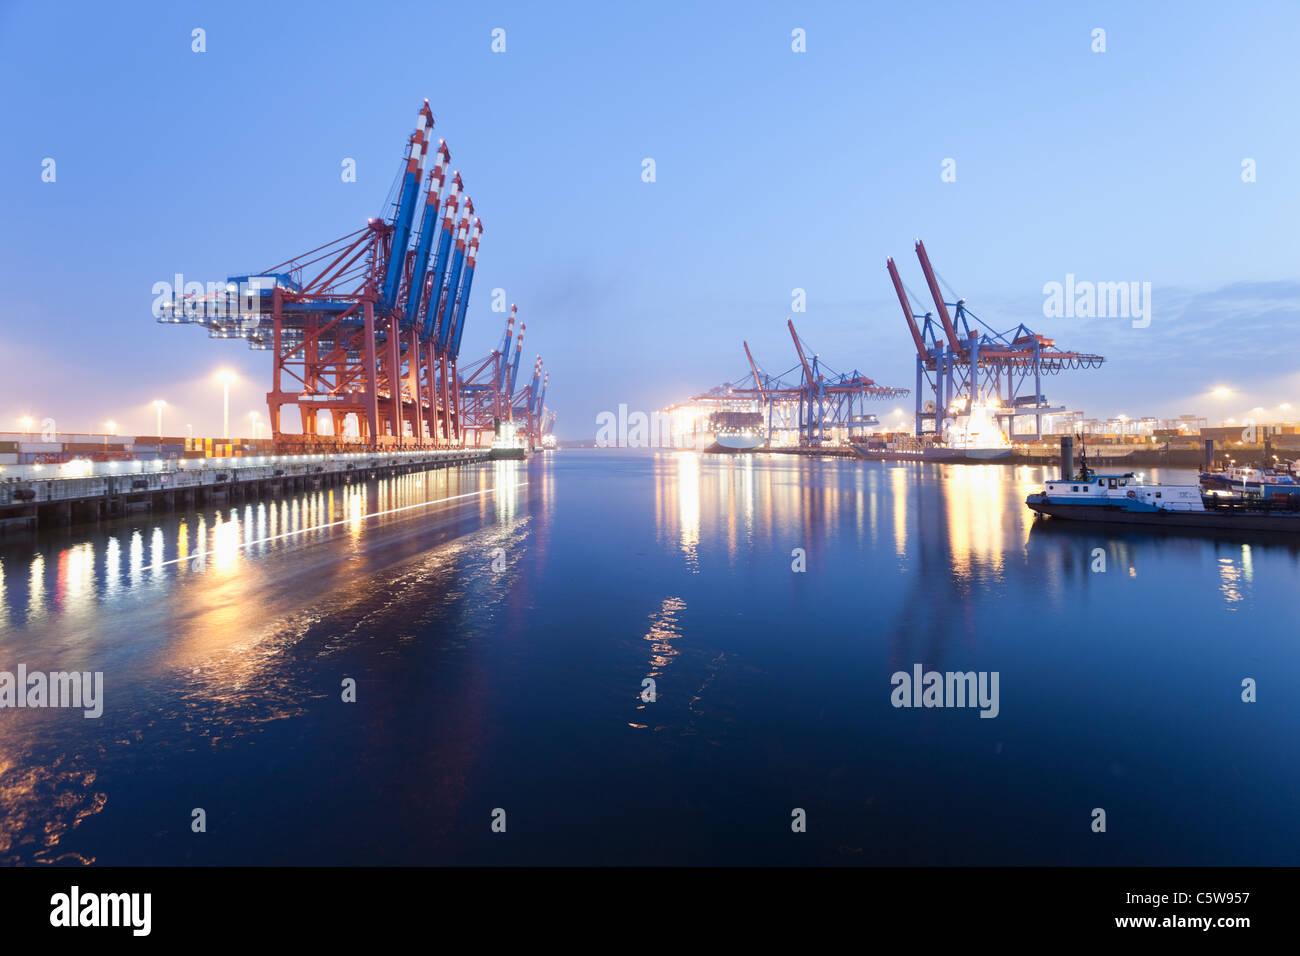 Alemania hamburgo burchardkai vista de barco de contenedores en el puerto foto imagen de - Contenedores de barco ...